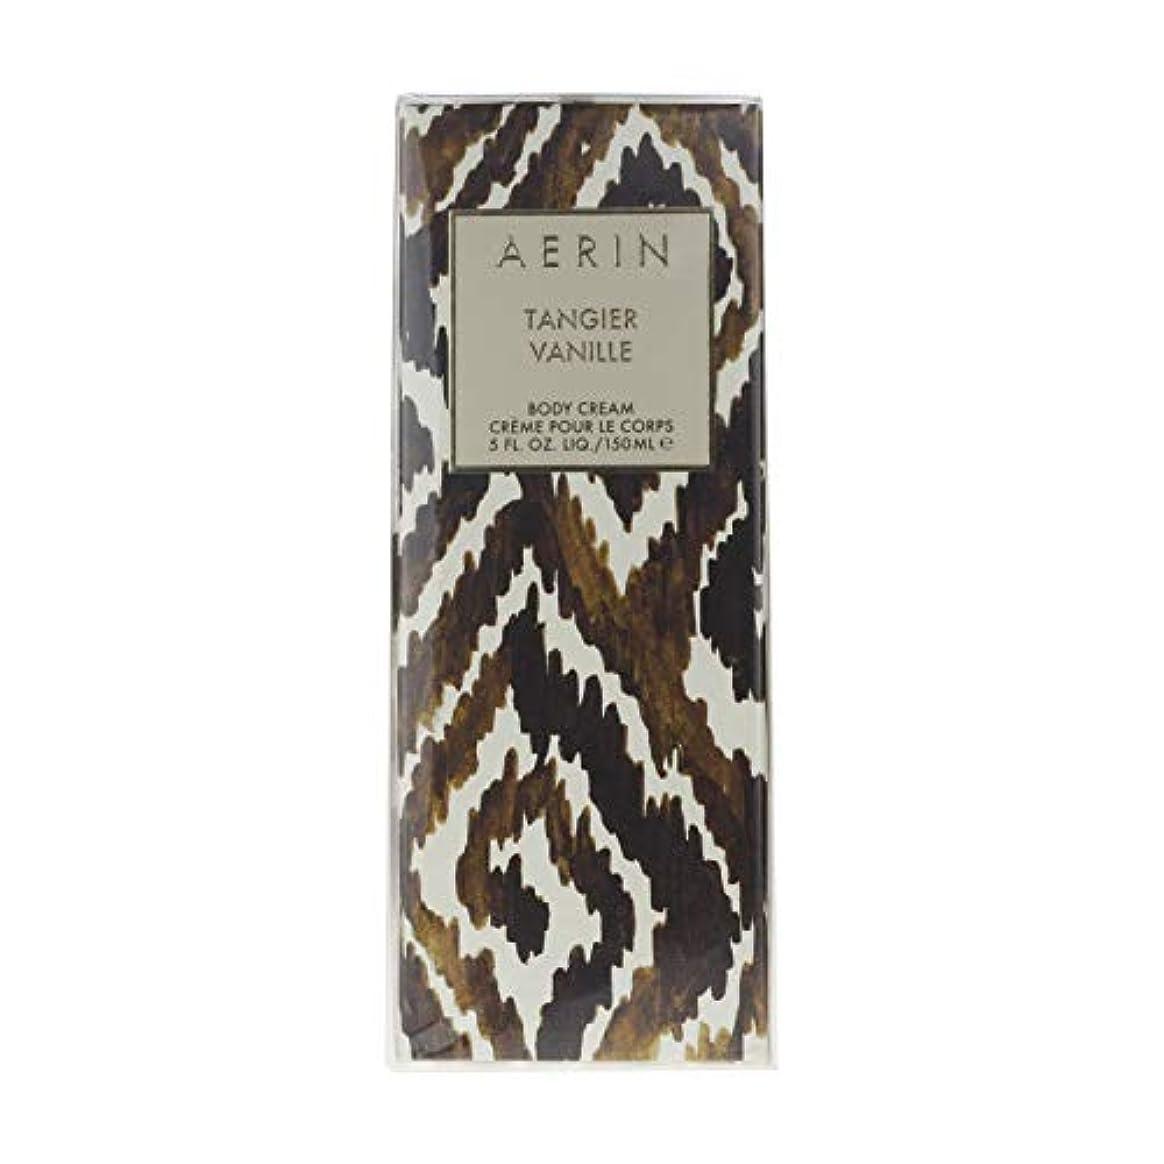 範囲うまなだめるAERIN Tangier Vanille (アエリン タンジヤー バニール) 5.0 oz (150ml) Body Cream by Estee Lauder for Women